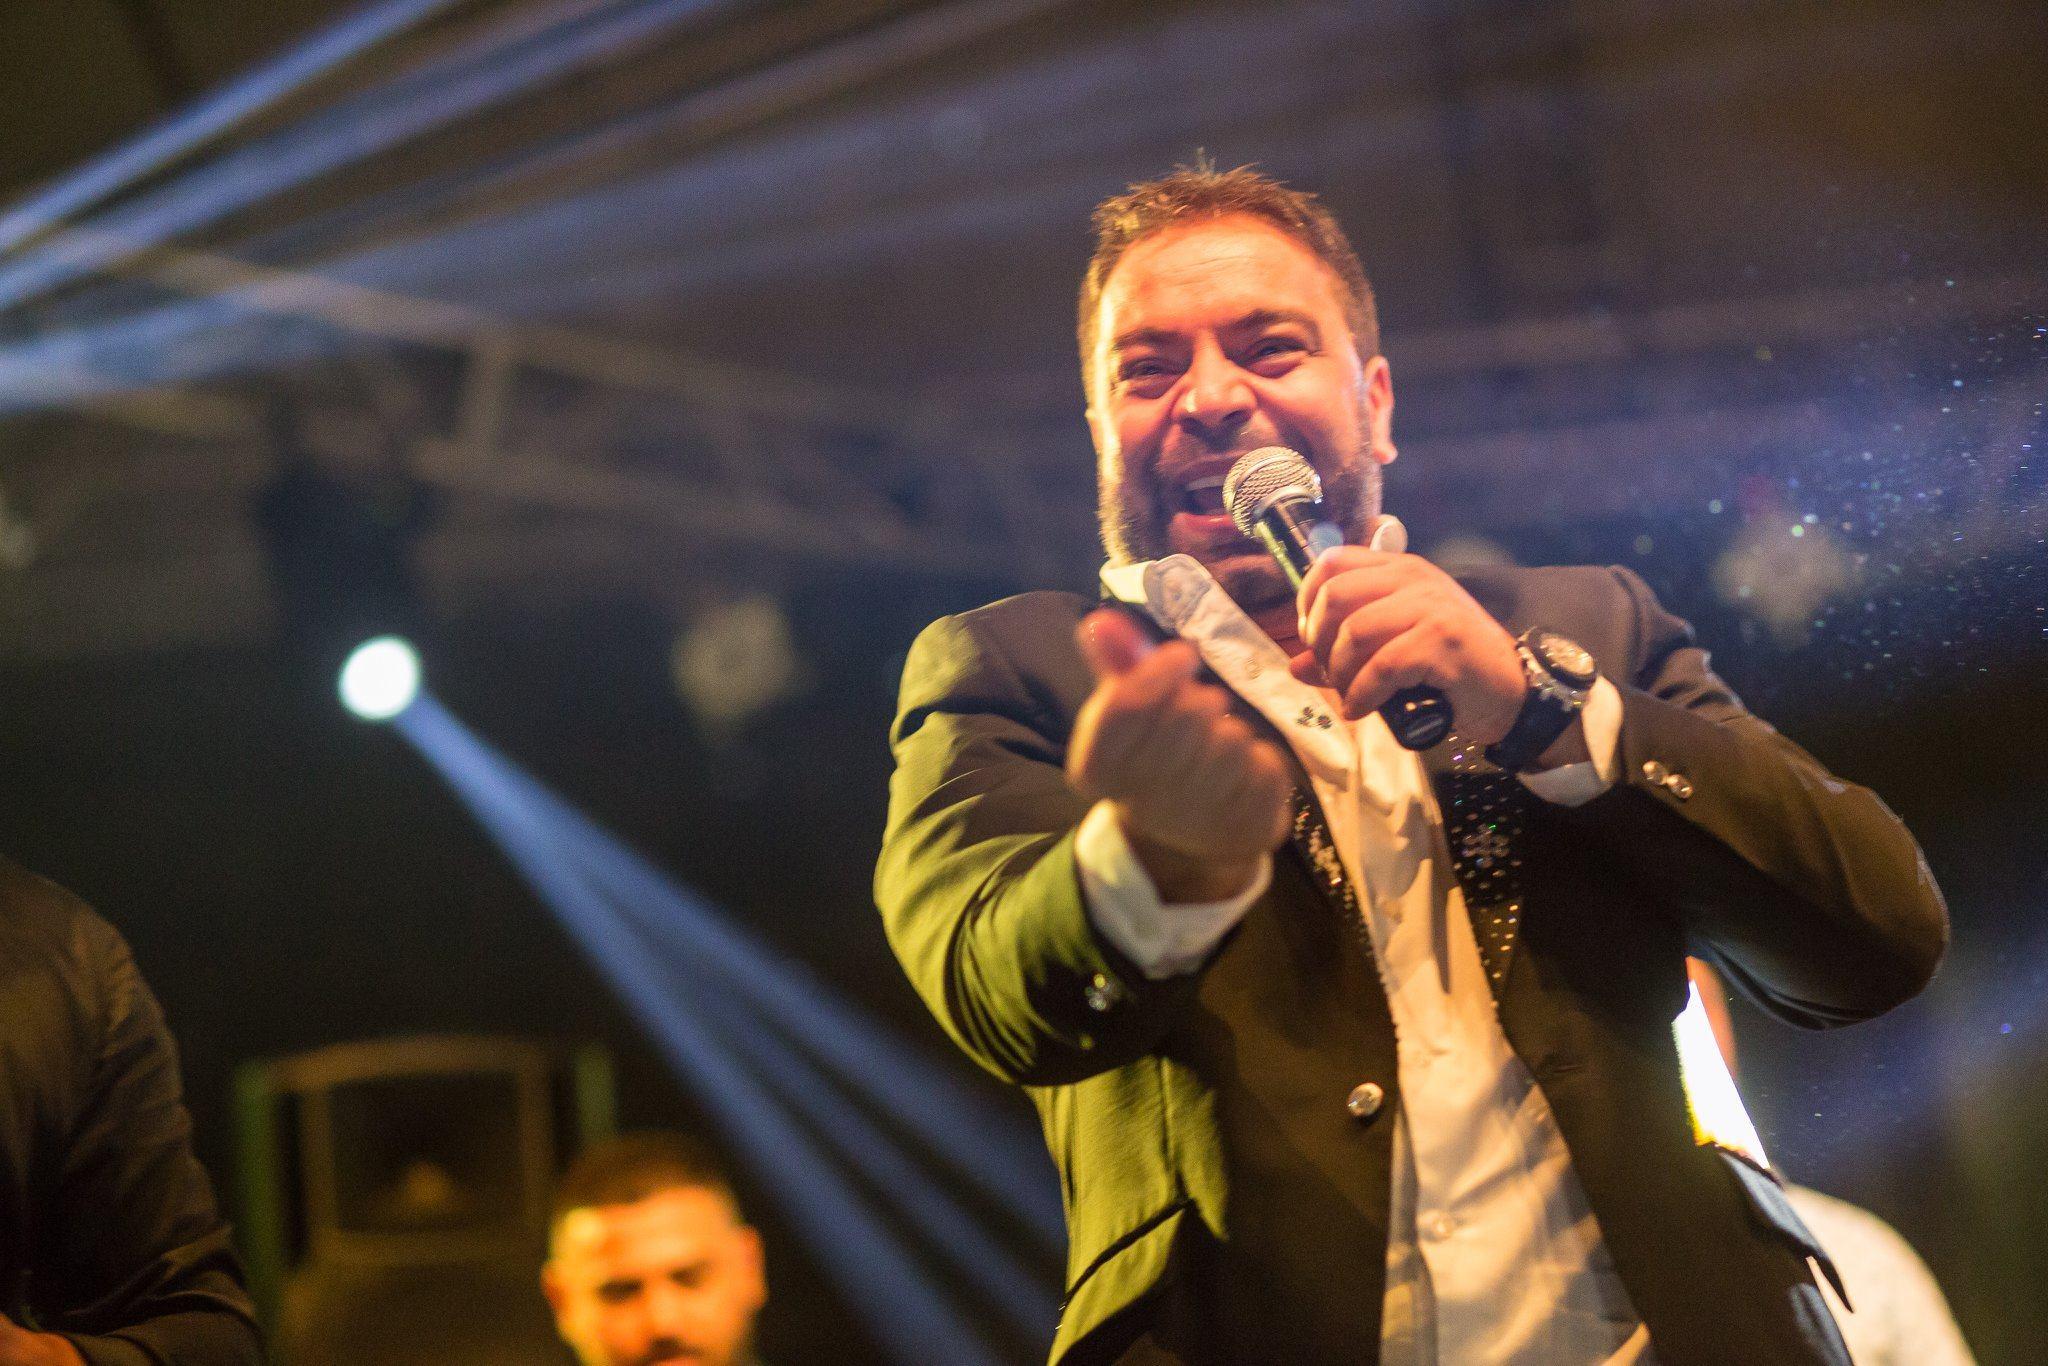 Adi Minune nu e singurul pățit. Manelistul Florin Salam a scăpat microfonul din mână la o nuntă cu focuri de armă VIDEO